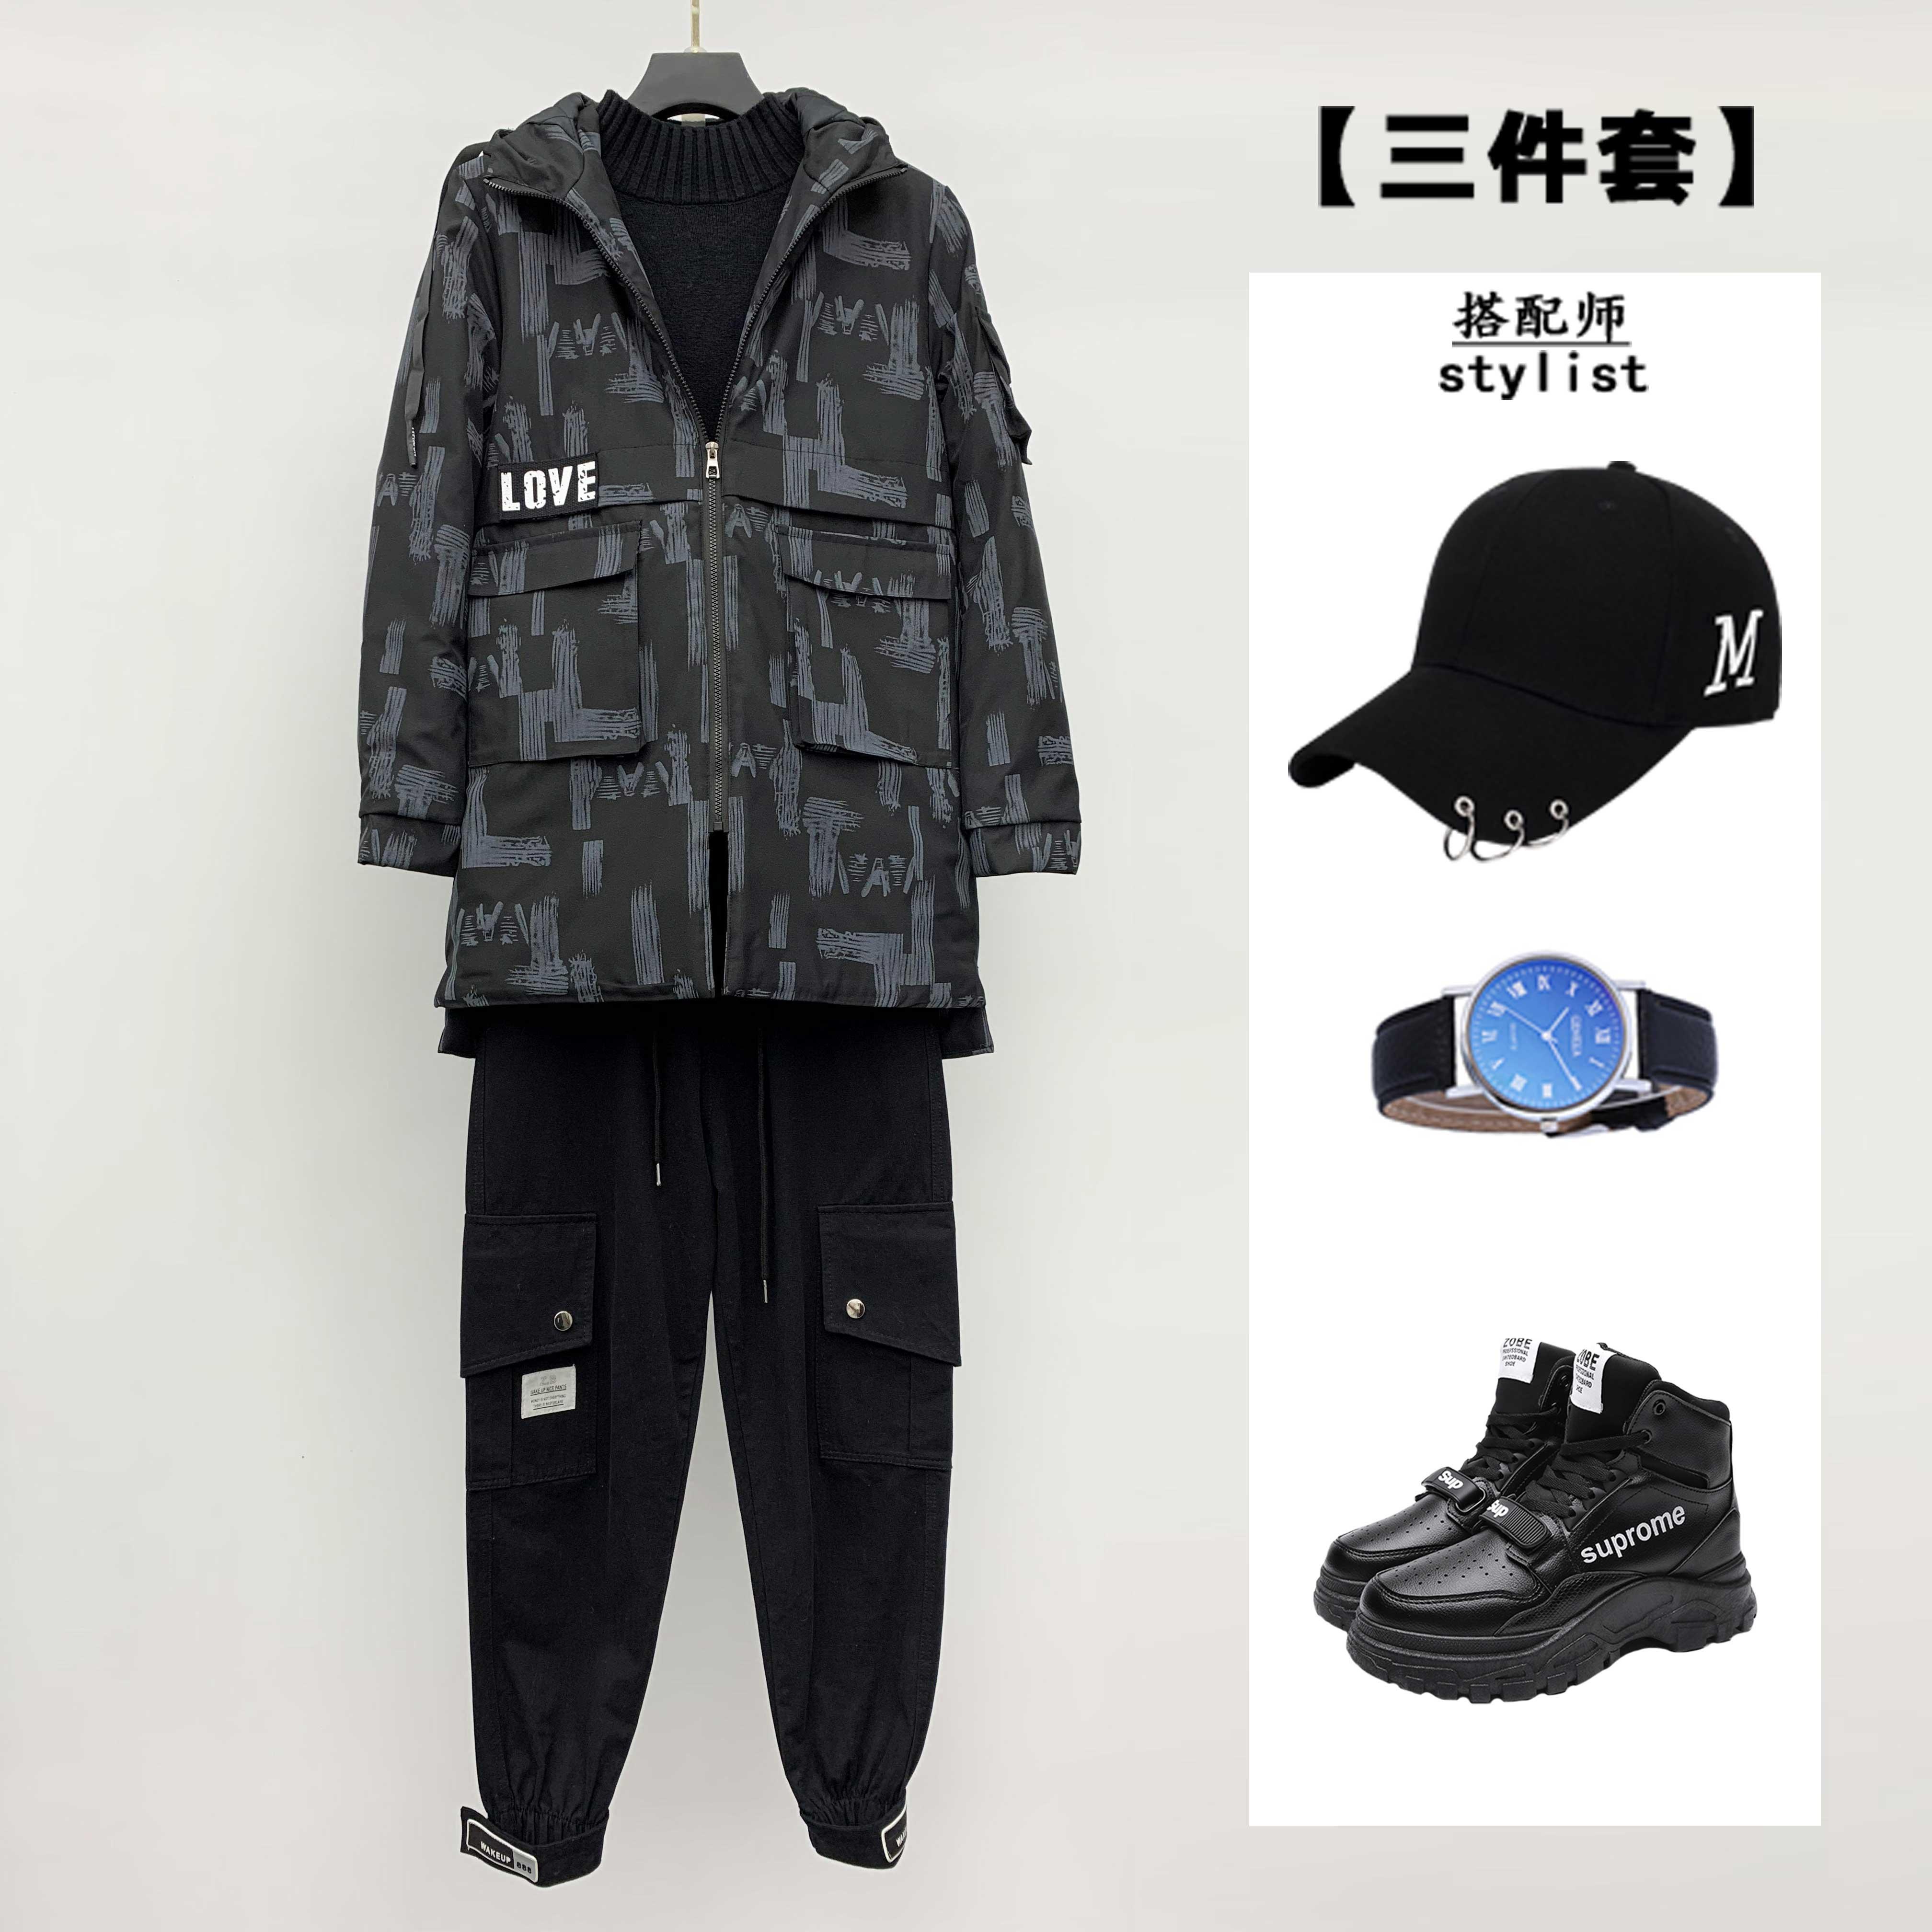 【三件套】男士休闲迷彩风衣+高领毛衣+休闲裤